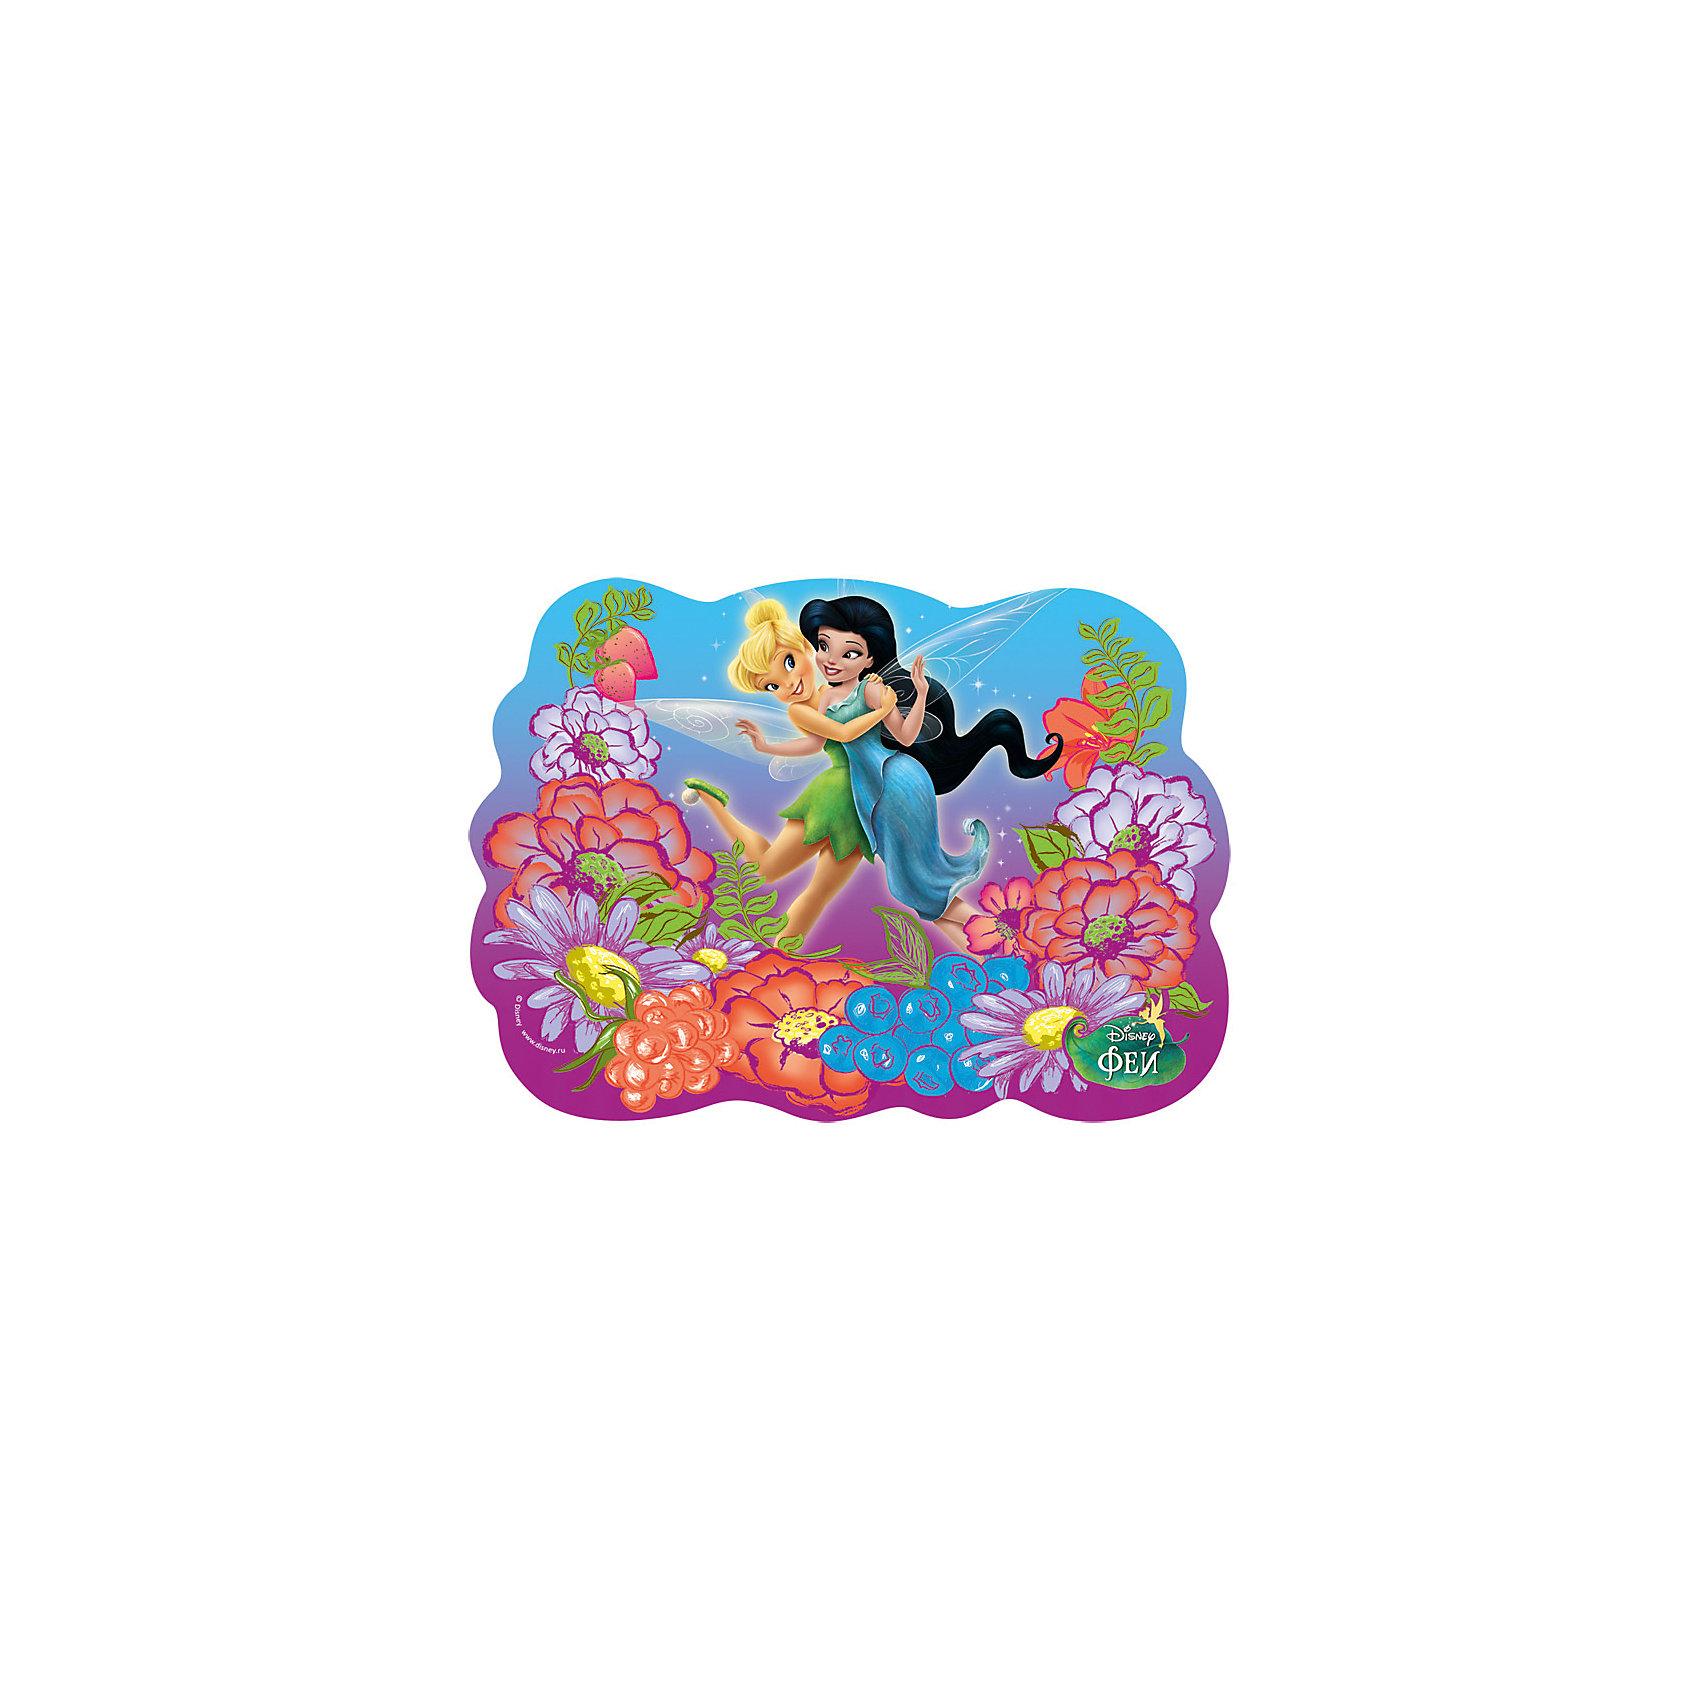 Подкладка настольная для лепки пластиковая Феи, DisneyЛепка<br>Фигурная настольная подкладка для лепки с трогательным лицензионным полноцветным дизайном Disney Феи сделает творческий процесс приятнее для детей и родителей.<br>Выполнена из 100% полипропилена. Размер 15*21см. Сделана в Санкт-Петербурге.<br><br>Ширина мм: 210<br>Глубина мм: 10<br>Высота мм: 150<br>Вес г: 19<br>Возраст от месяцев: 48<br>Возраст до месяцев: 96<br>Пол: Женский<br>Возраст: Детский<br>SKU: 5475487